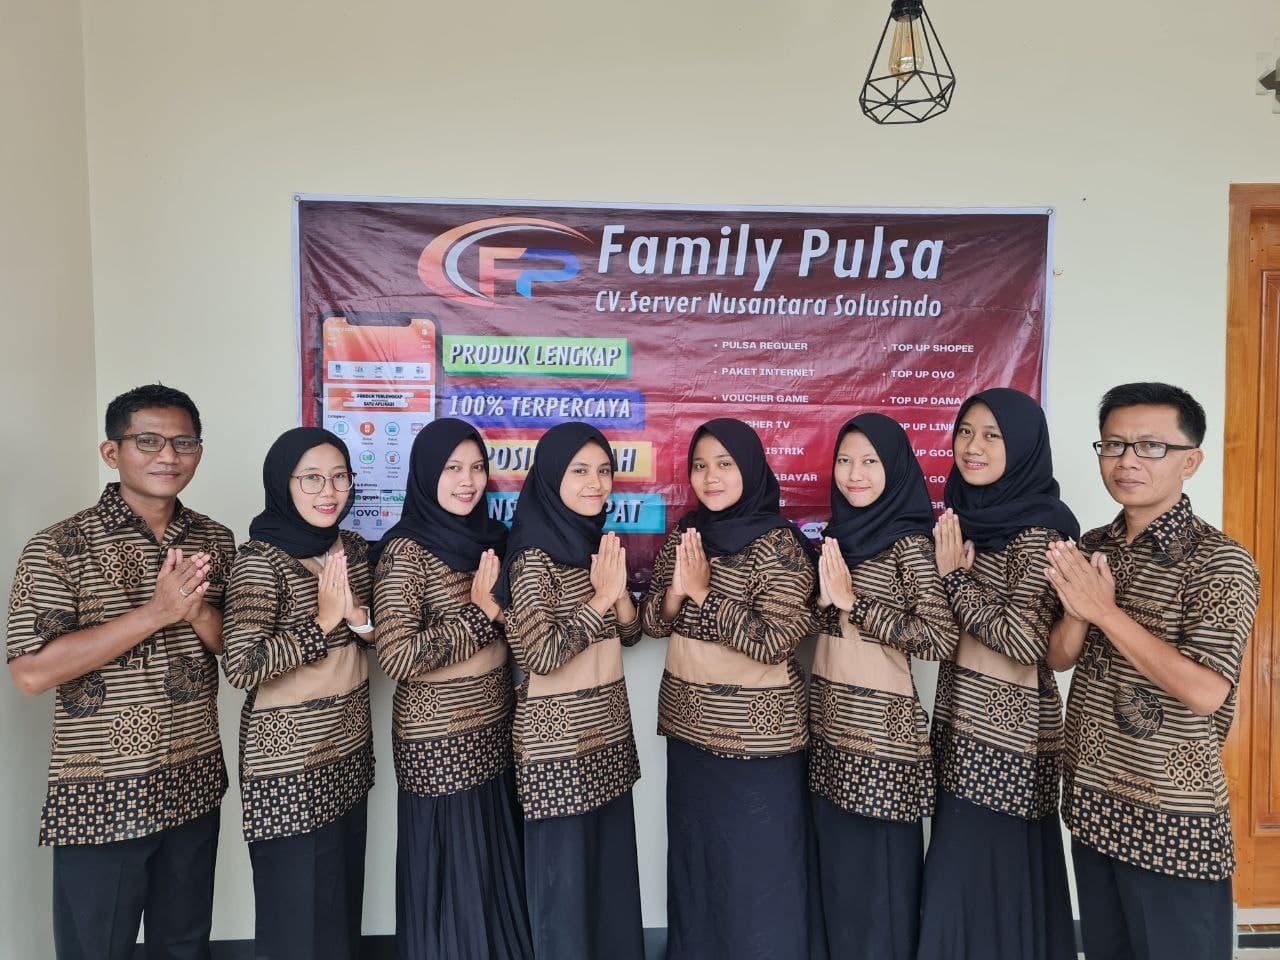 galery family pulsa